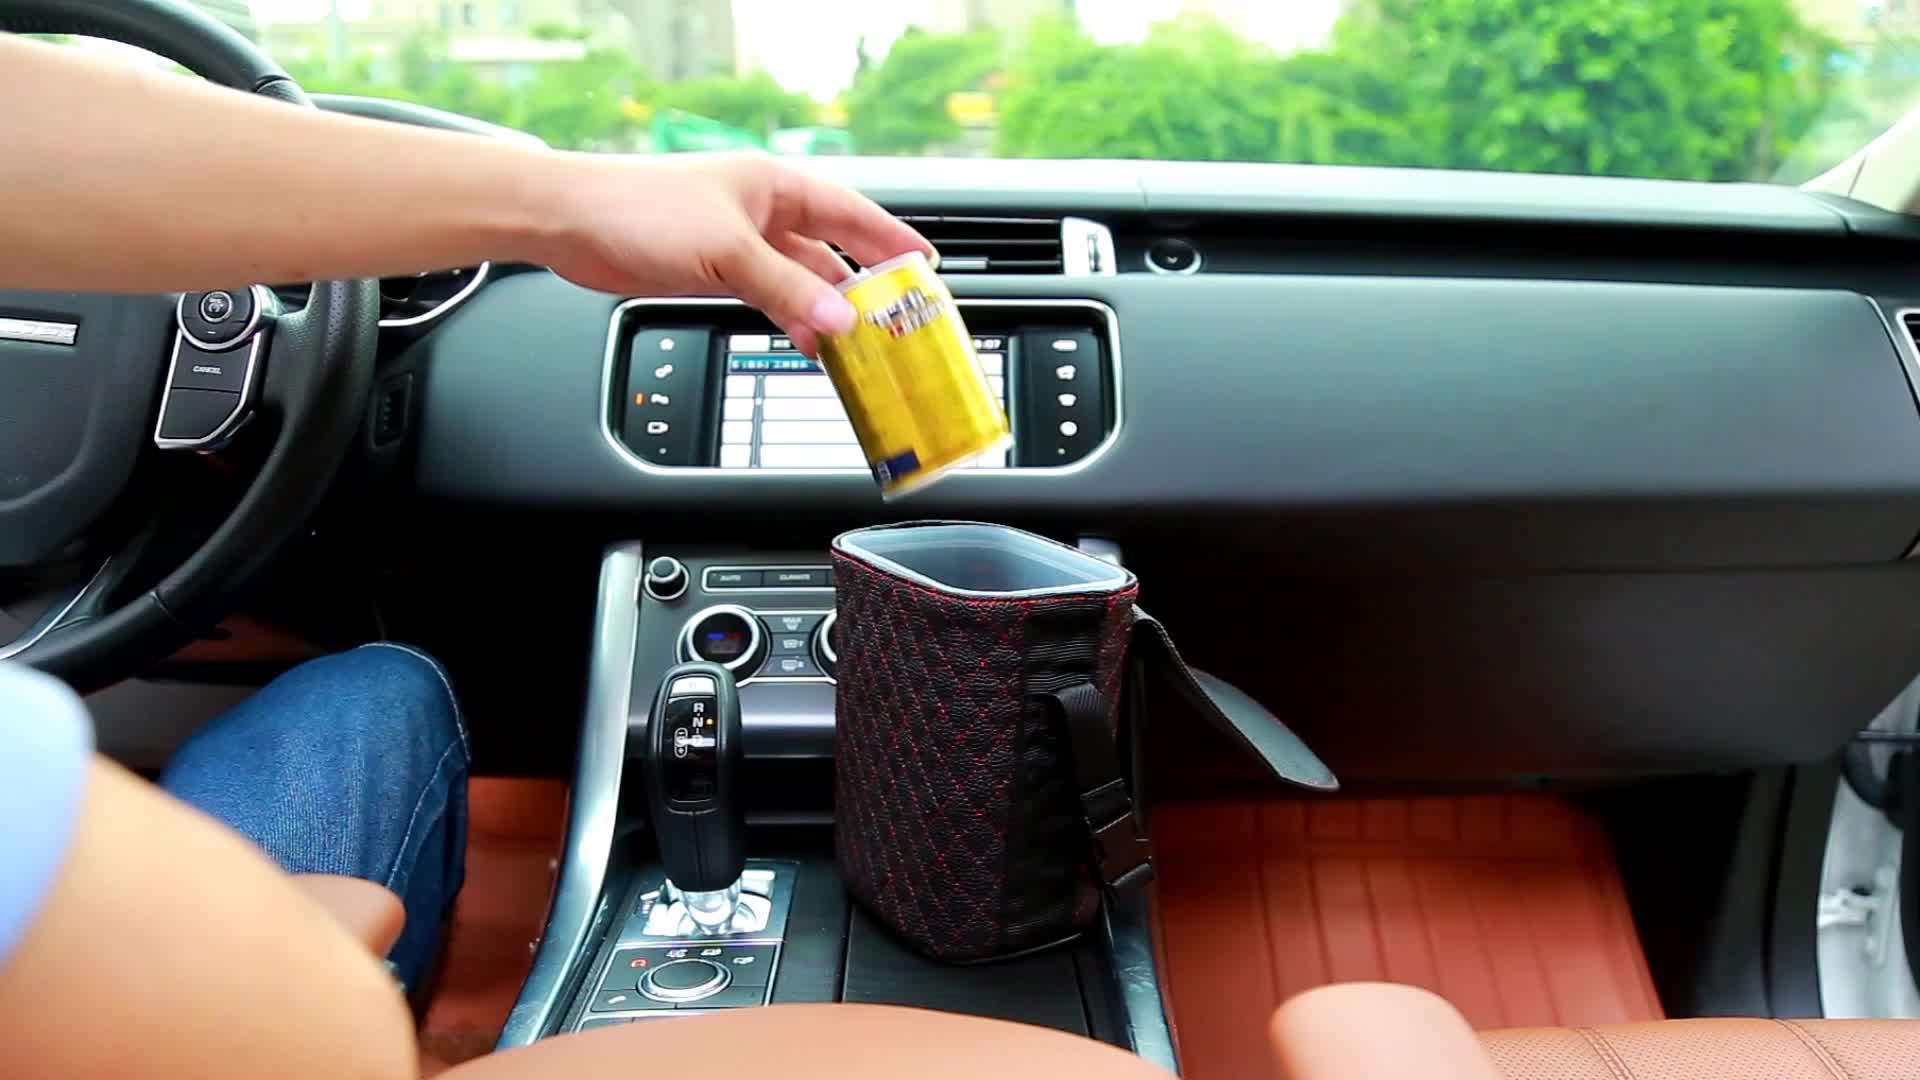 עור מפוצל leakproof רכב חזרה ארגונית אשפה אשפה המלטת תיק יכול